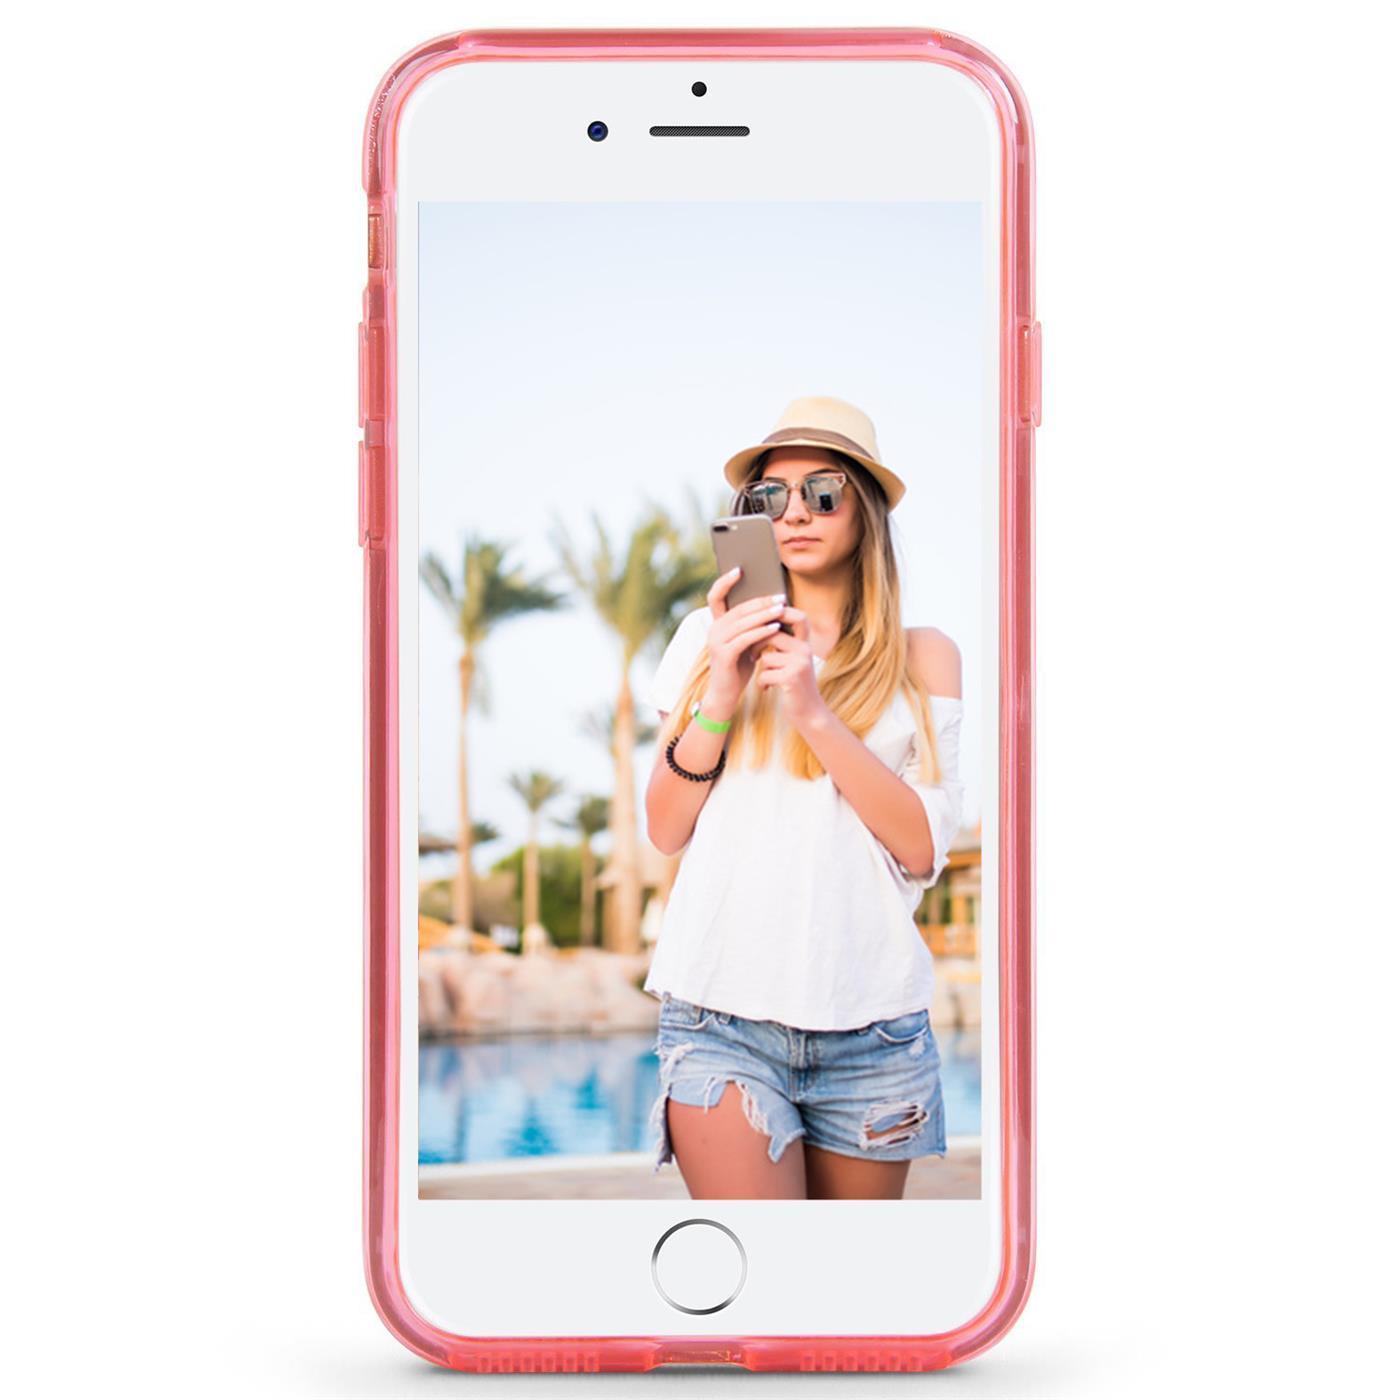 Handy-Glitzer-Huelle-fuer-Apple-iPhone-Slim-TPU-Cover-Case-Silikon-Schutz-Tasche Indexbild 11